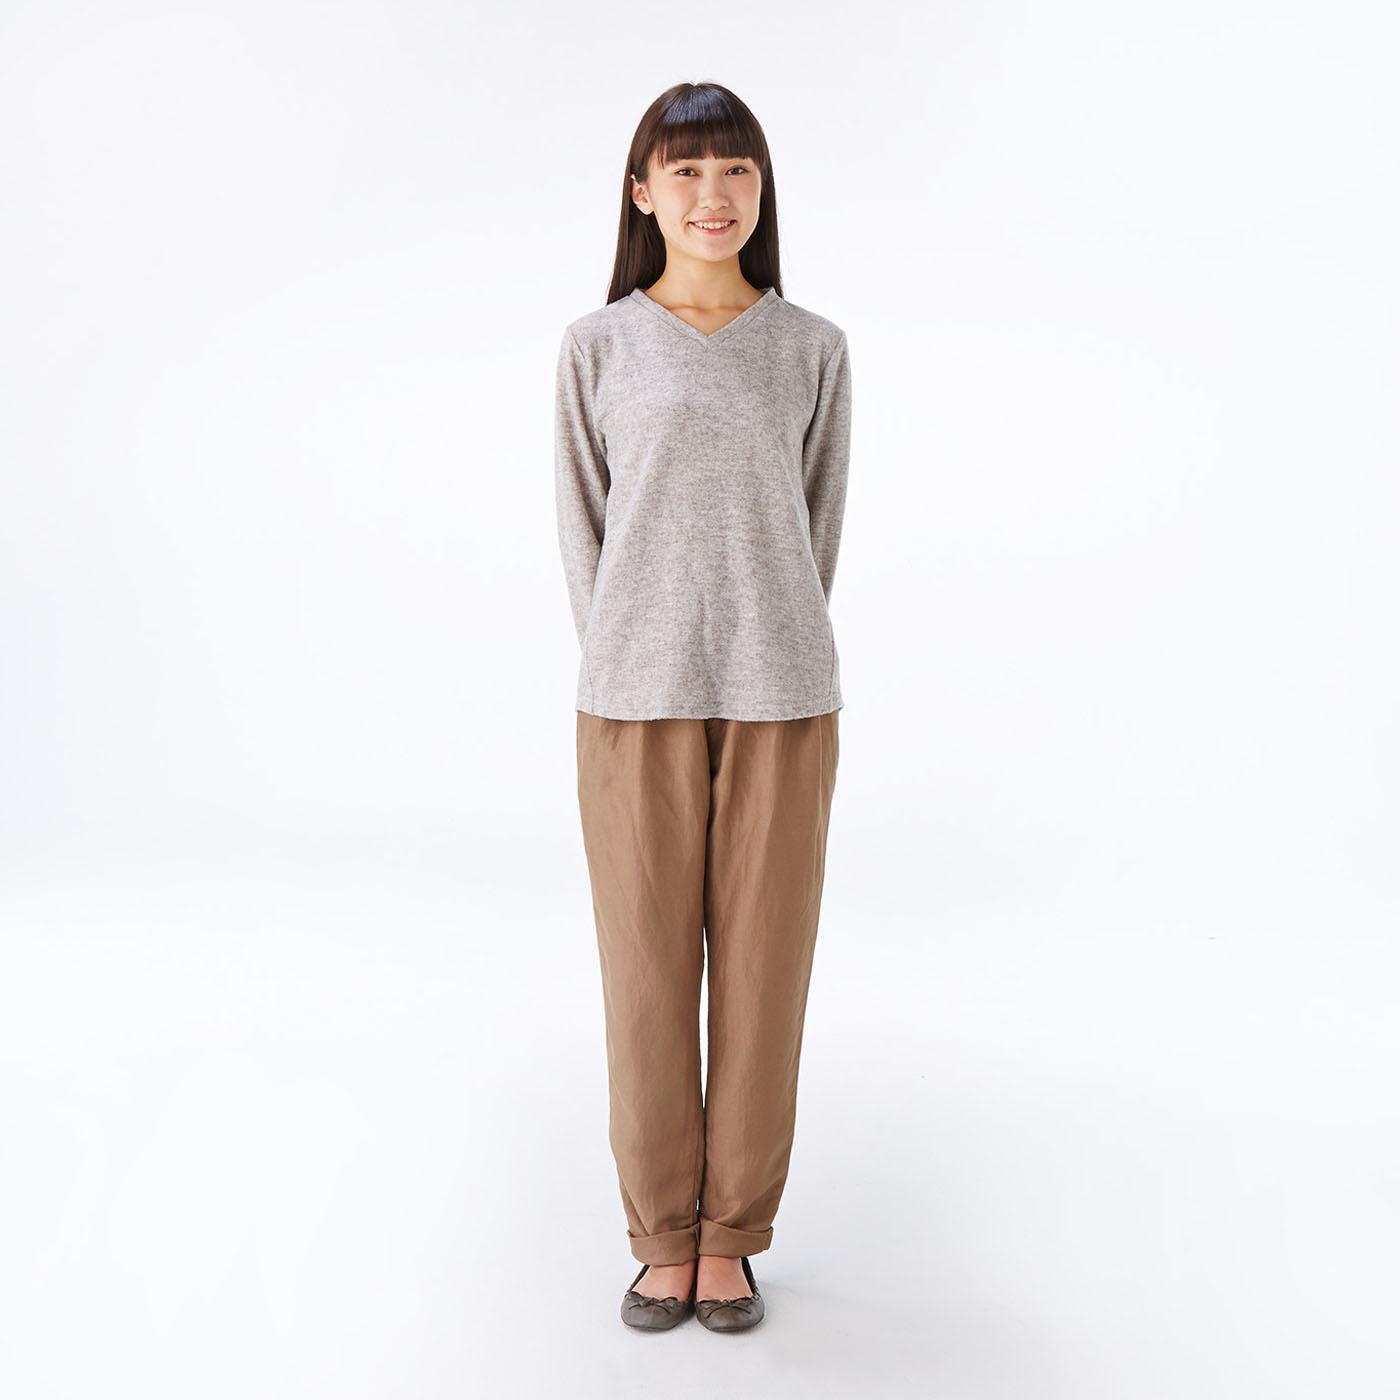 モデル身長約165cm 着用サイズM Vネックトップスは華奢見えするネックラインですっきりと。